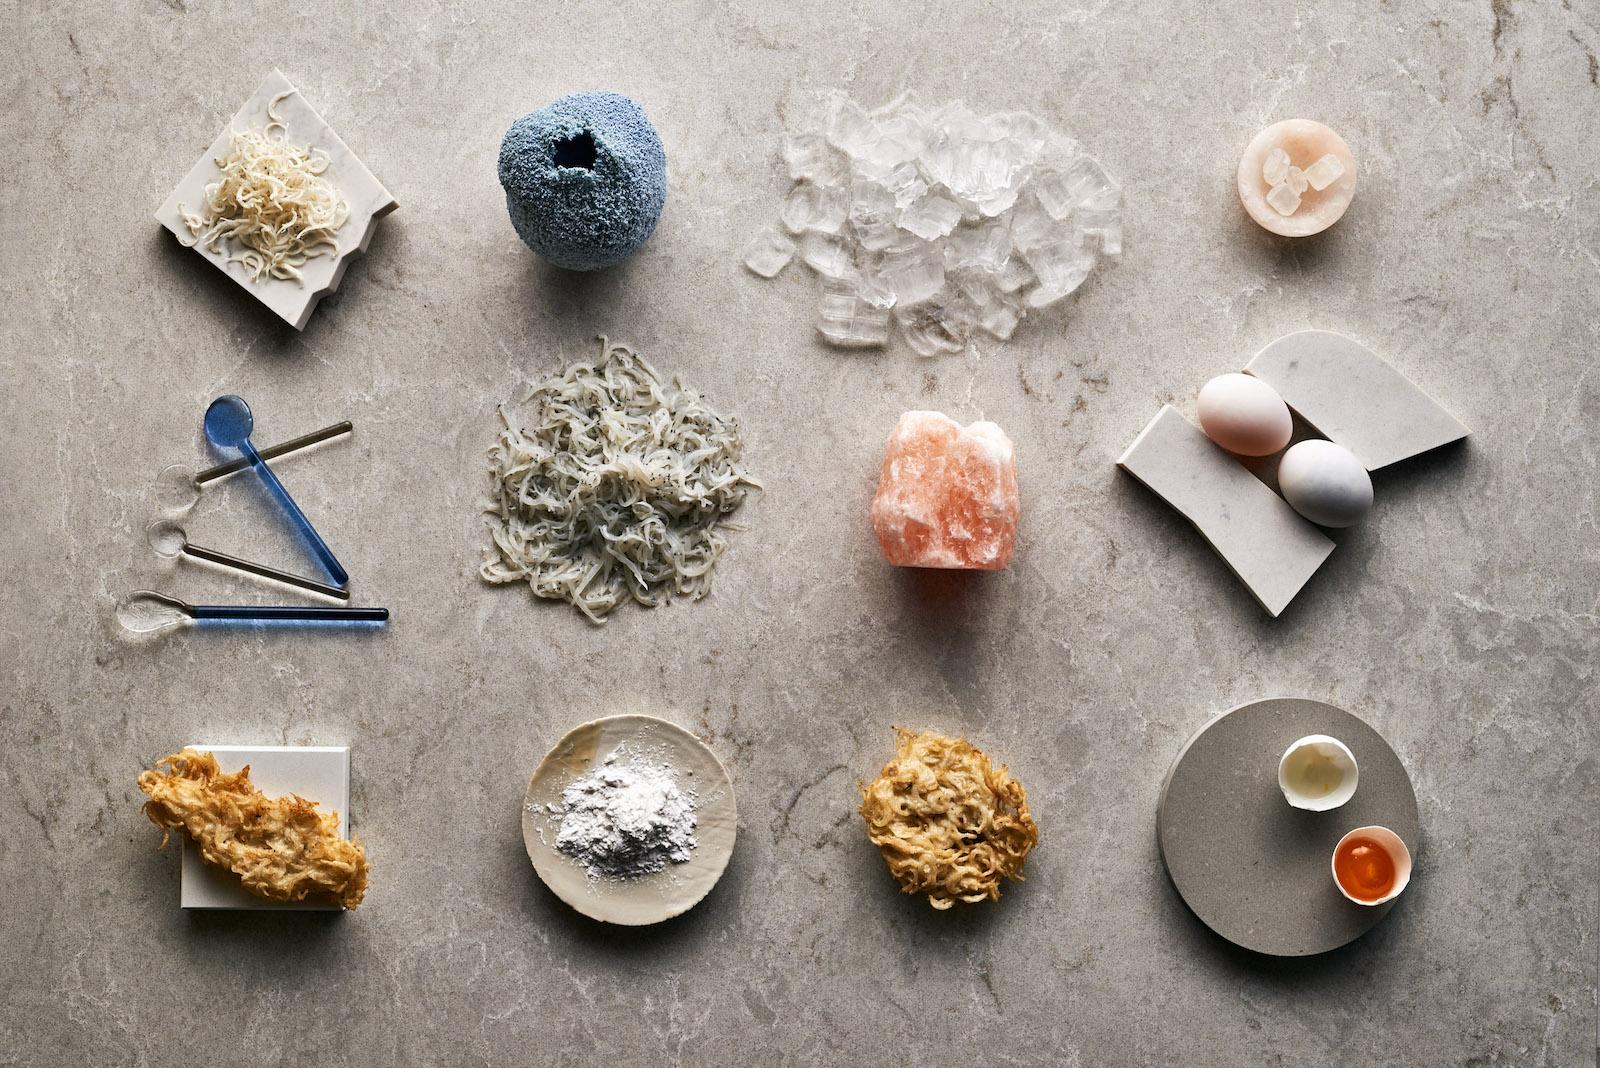 caesarstone-arabeschi-di-latte-icefish-fritter